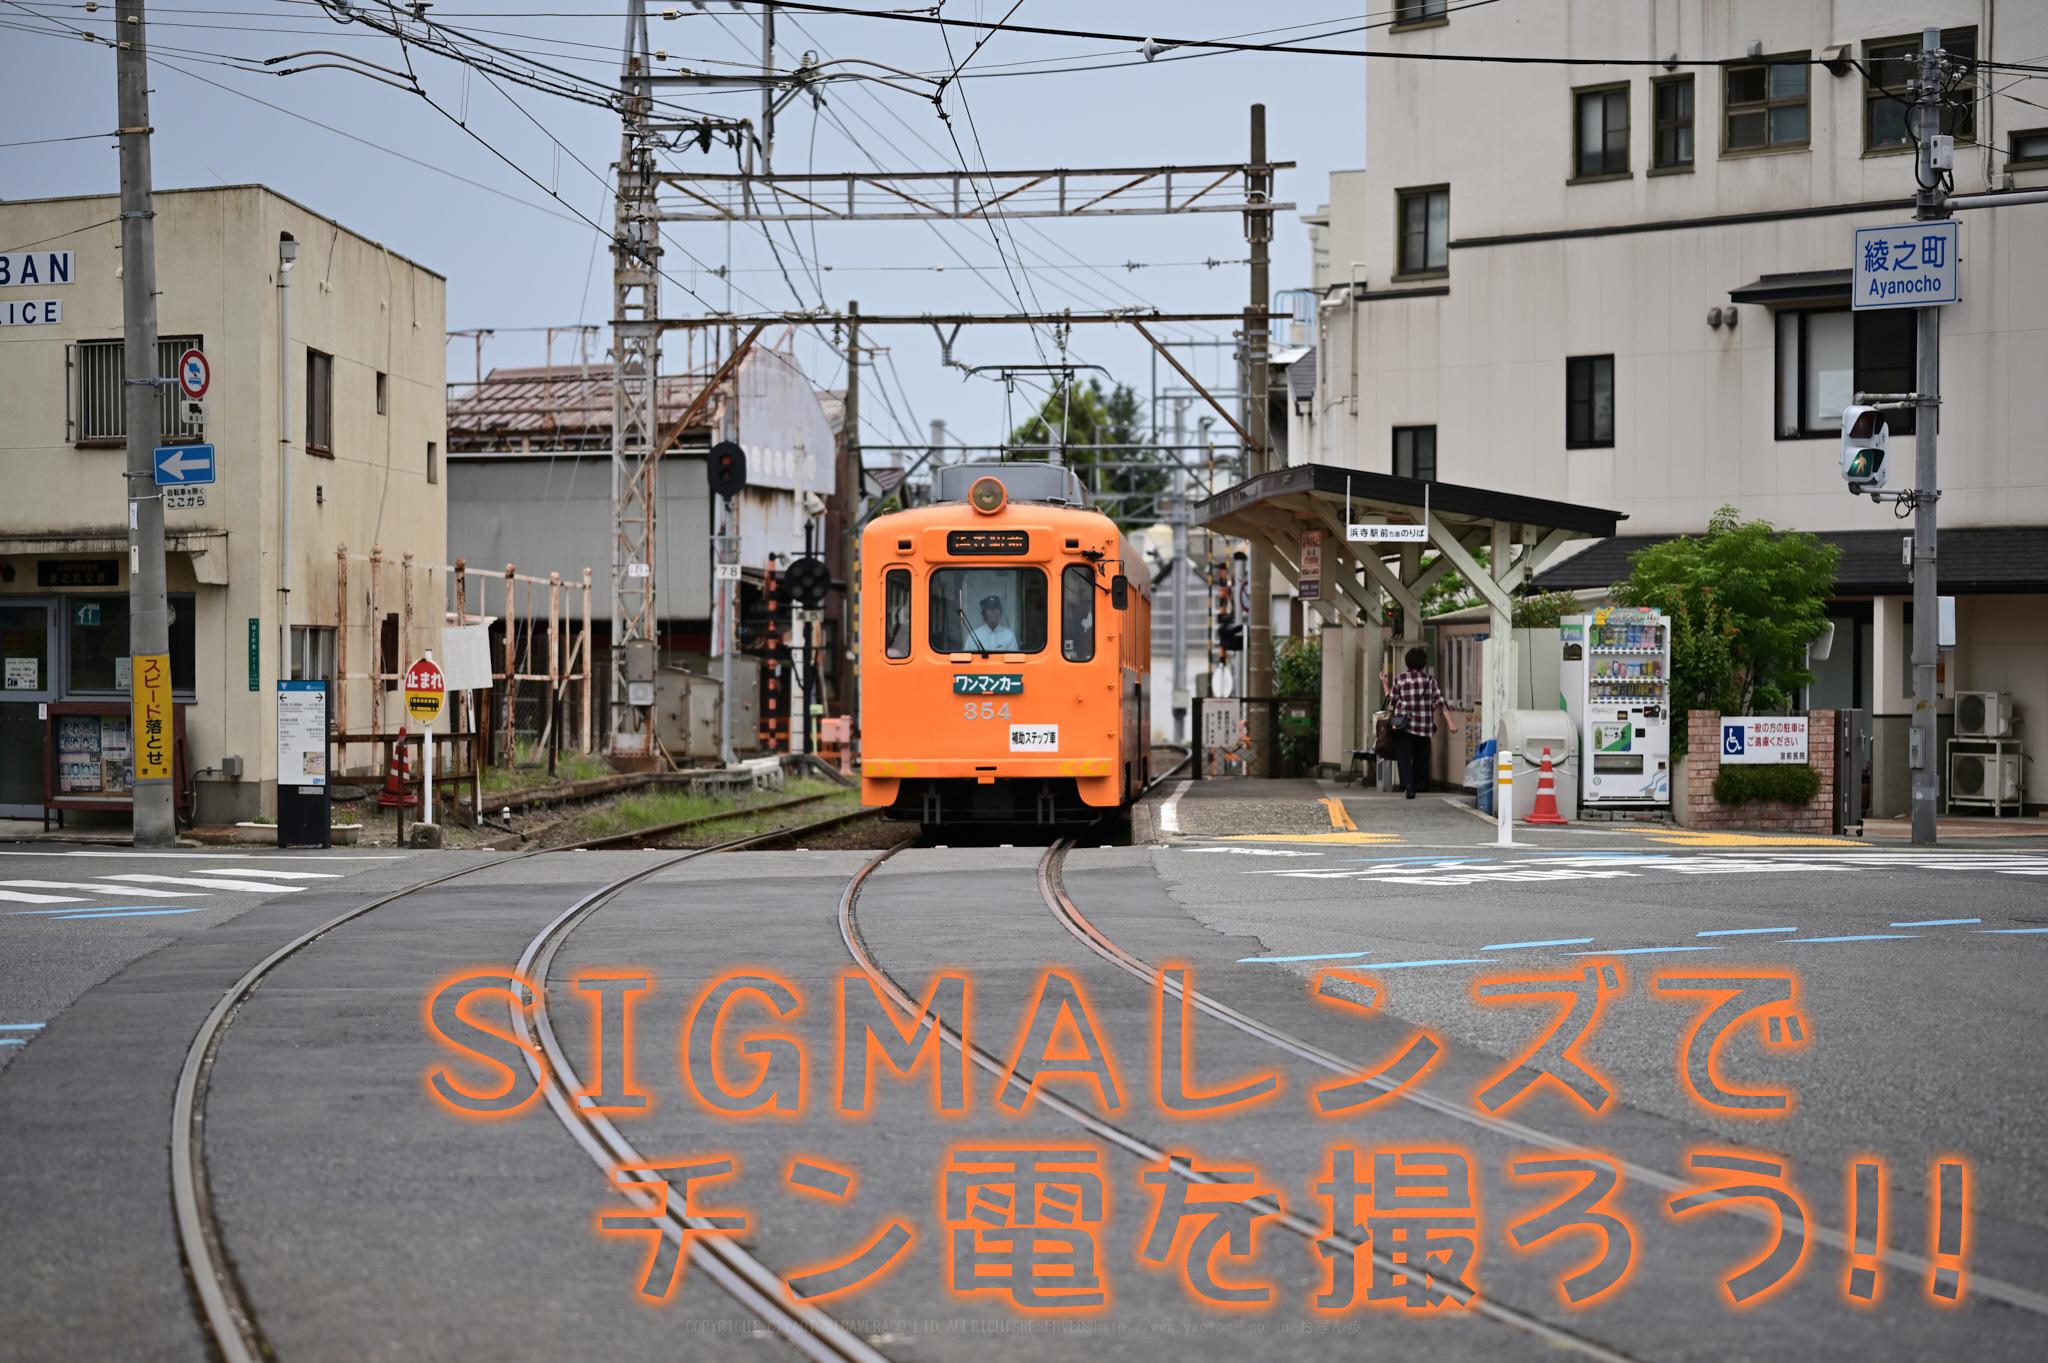 https://www.yaotomi.co.jp/blog/walk/DSC_0735_85mm%2CF1.8%2Ciso100.jpg